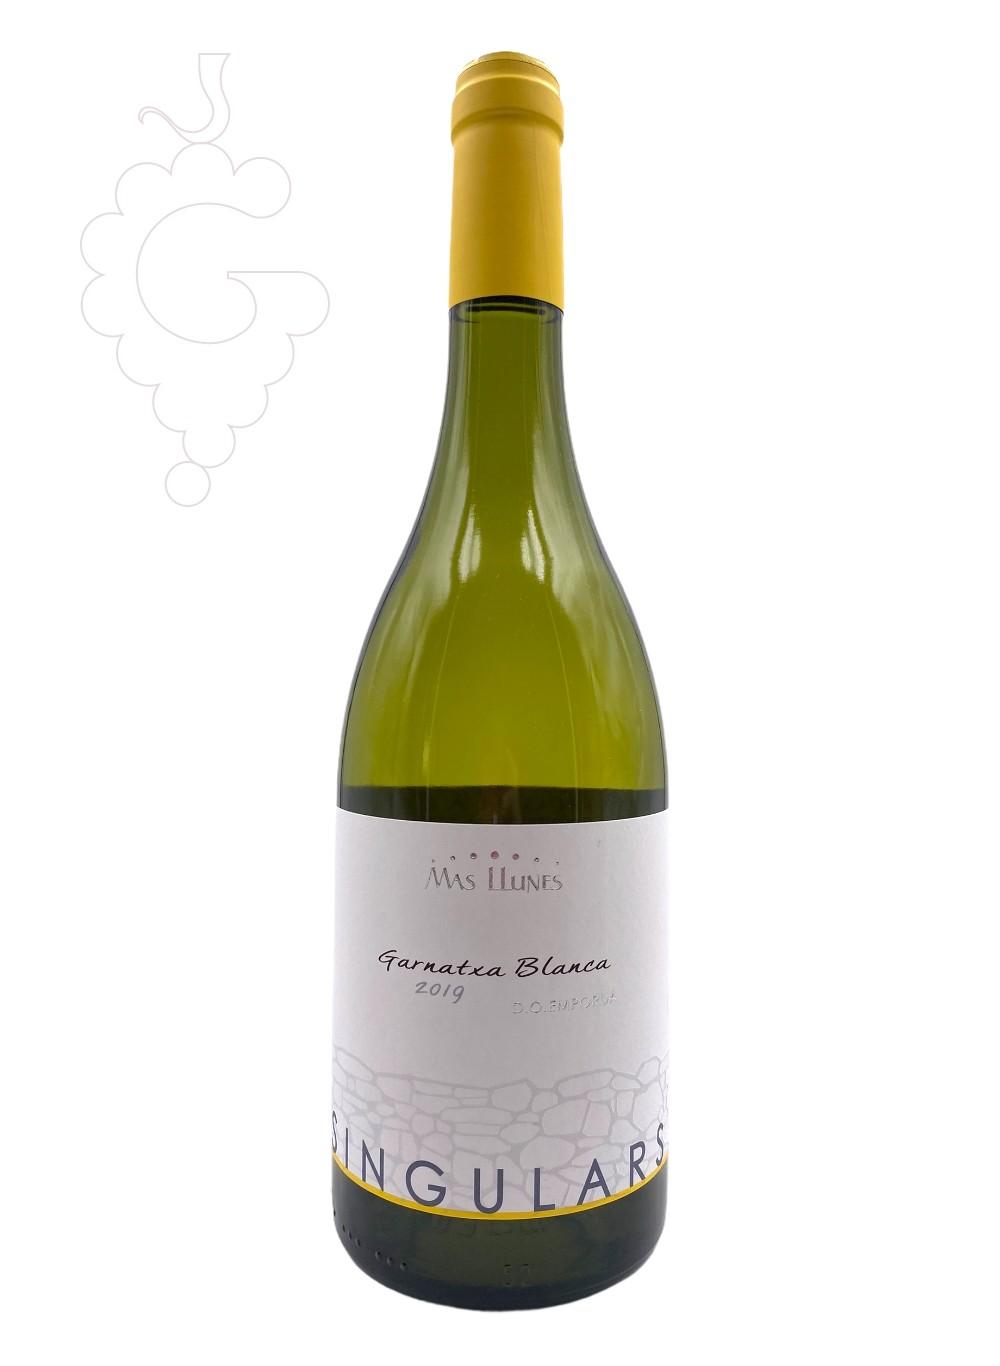 Foto Mas Llunes Singulars Garnatxa Blanca vi blanc